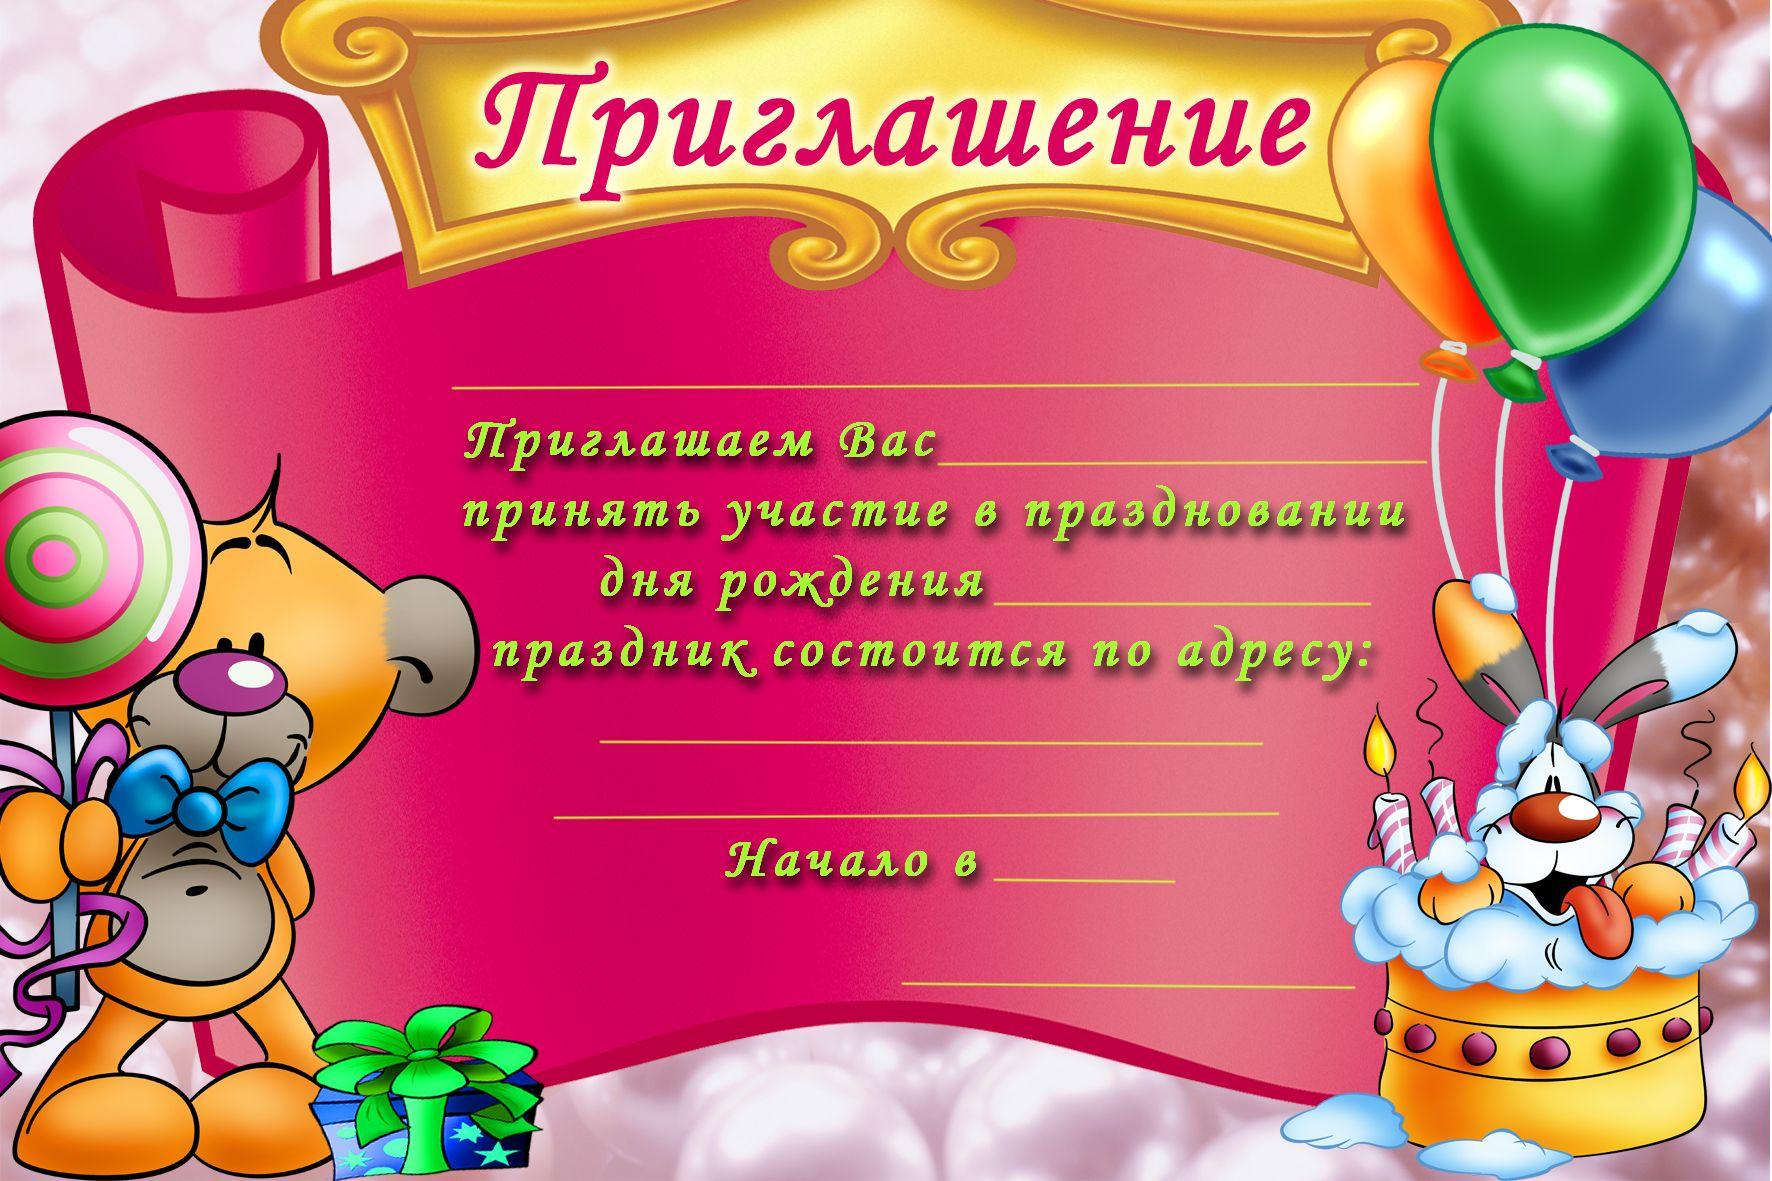 Открытка для приглашения на праздник, цветами природа благодарность